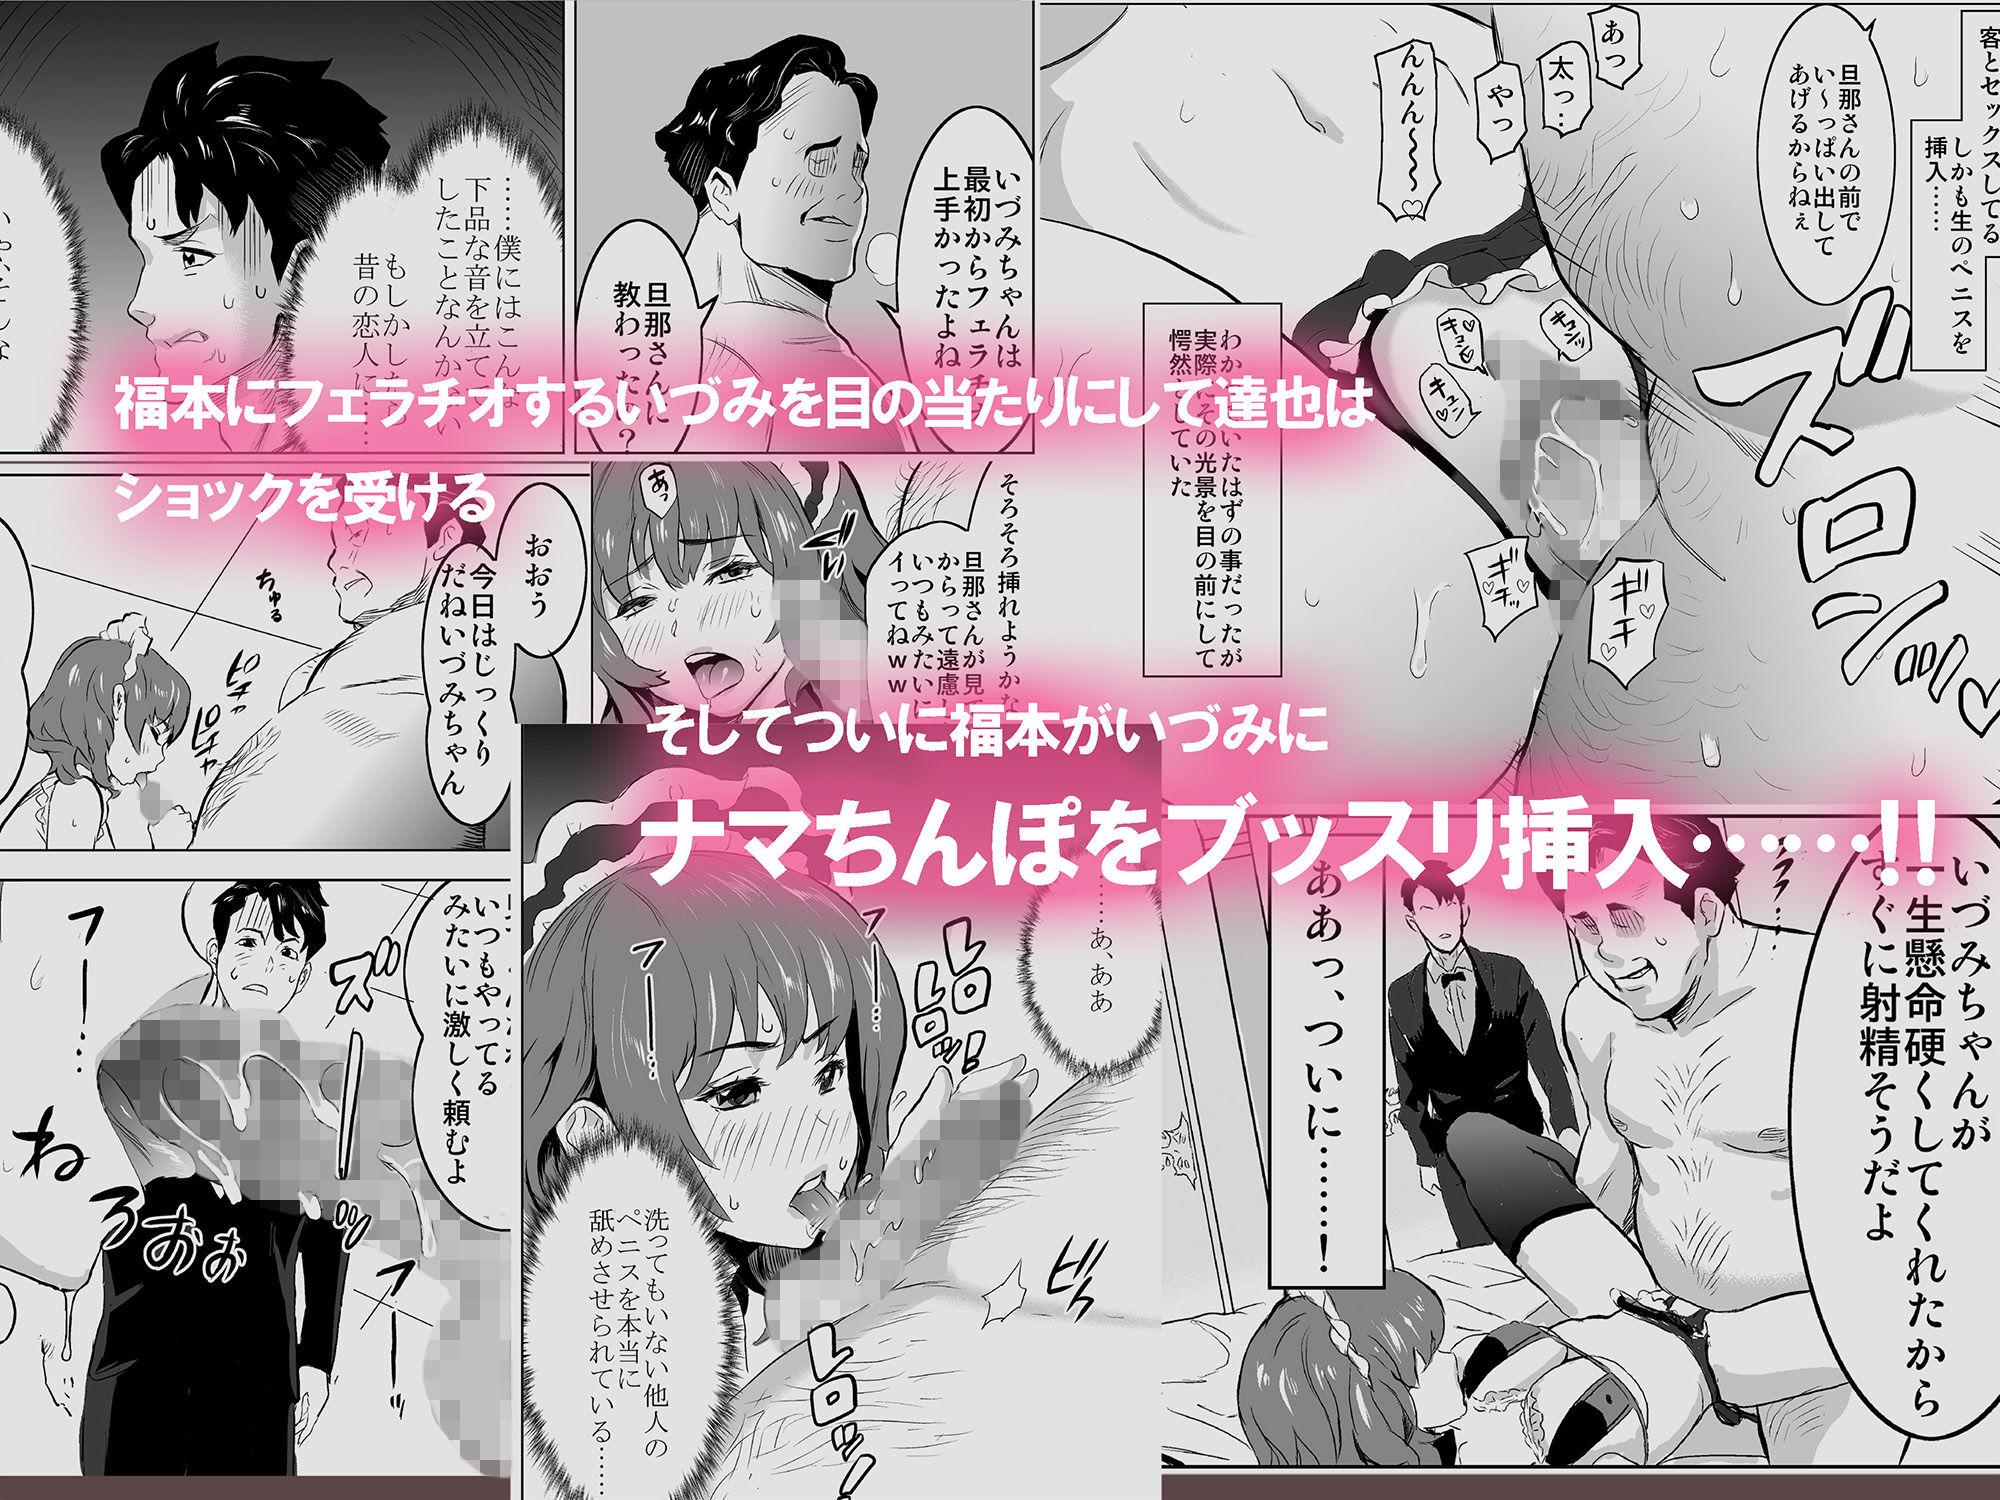 『娼婦になった妻が絶頂ベロキス生中出しされた日』 同人誌のサンプル画像です